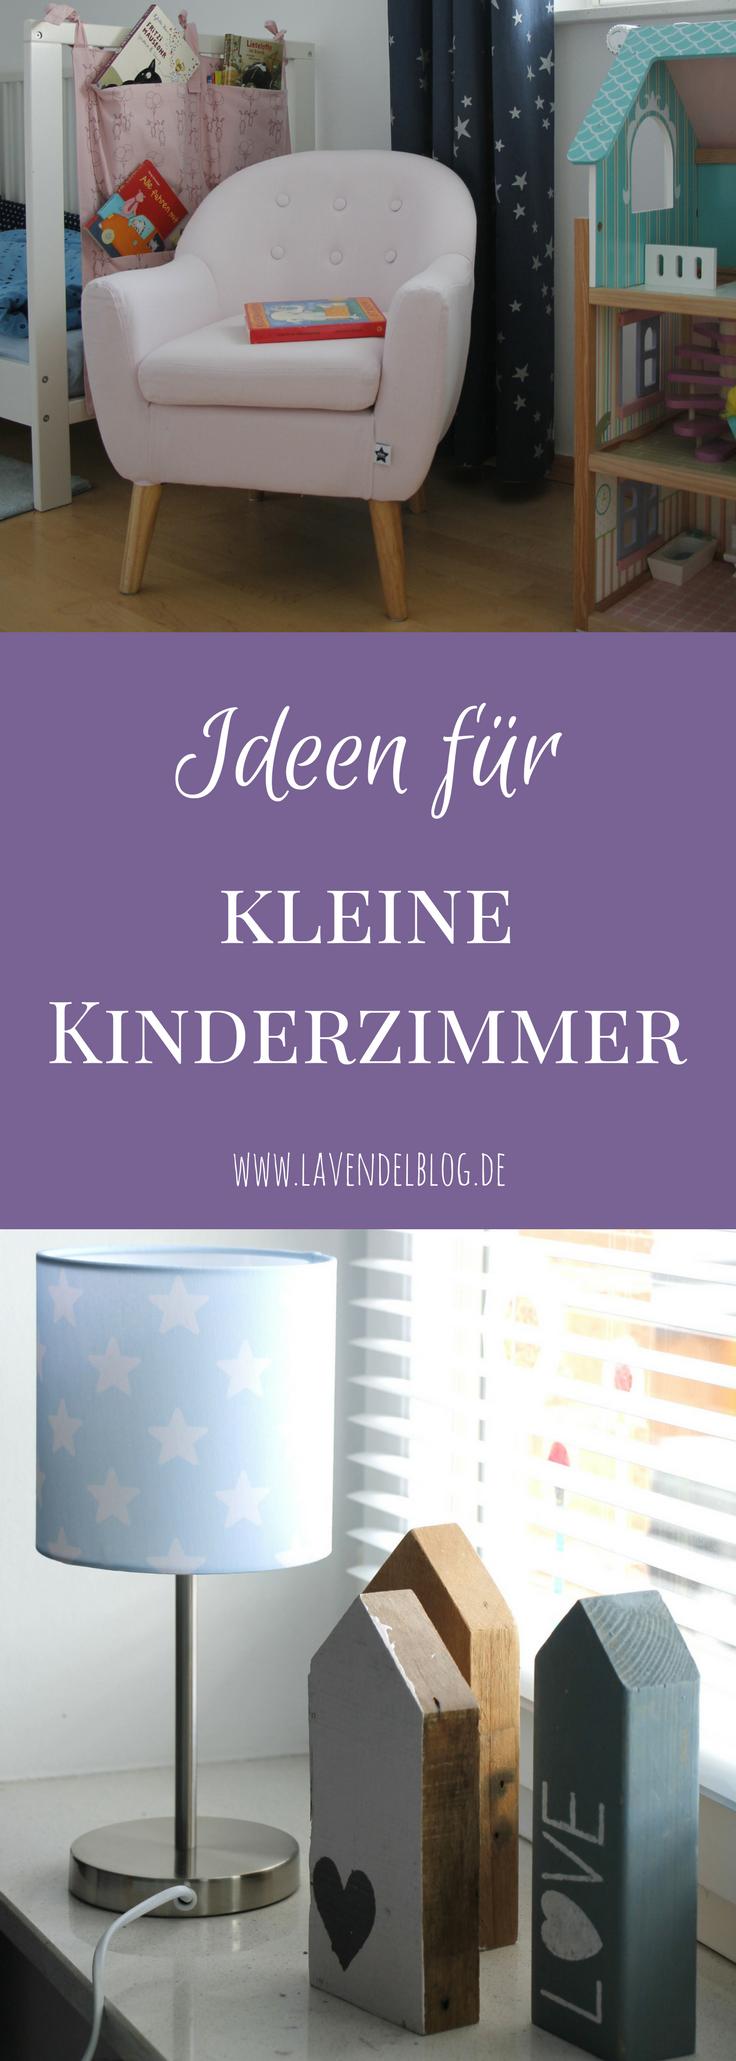 Kinderzimmer einrichten: Ideen und Tipps (inkl. Kids Concept ...